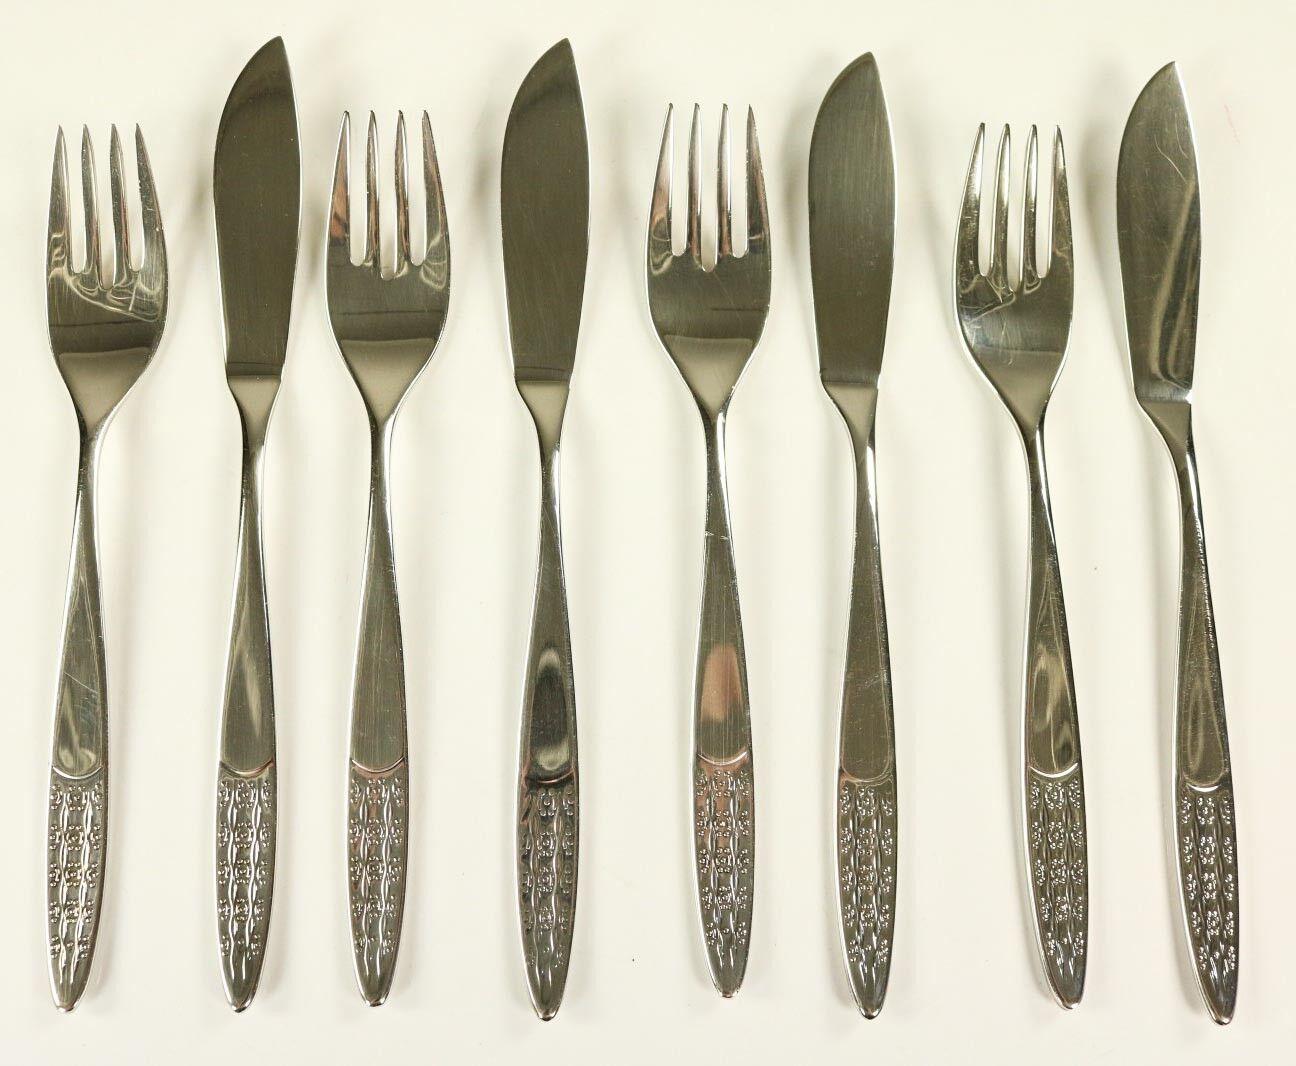 Poisson couverts WMF Rio 90er Argent édition 12 pièces 6 personnes Fish cutlery 70er